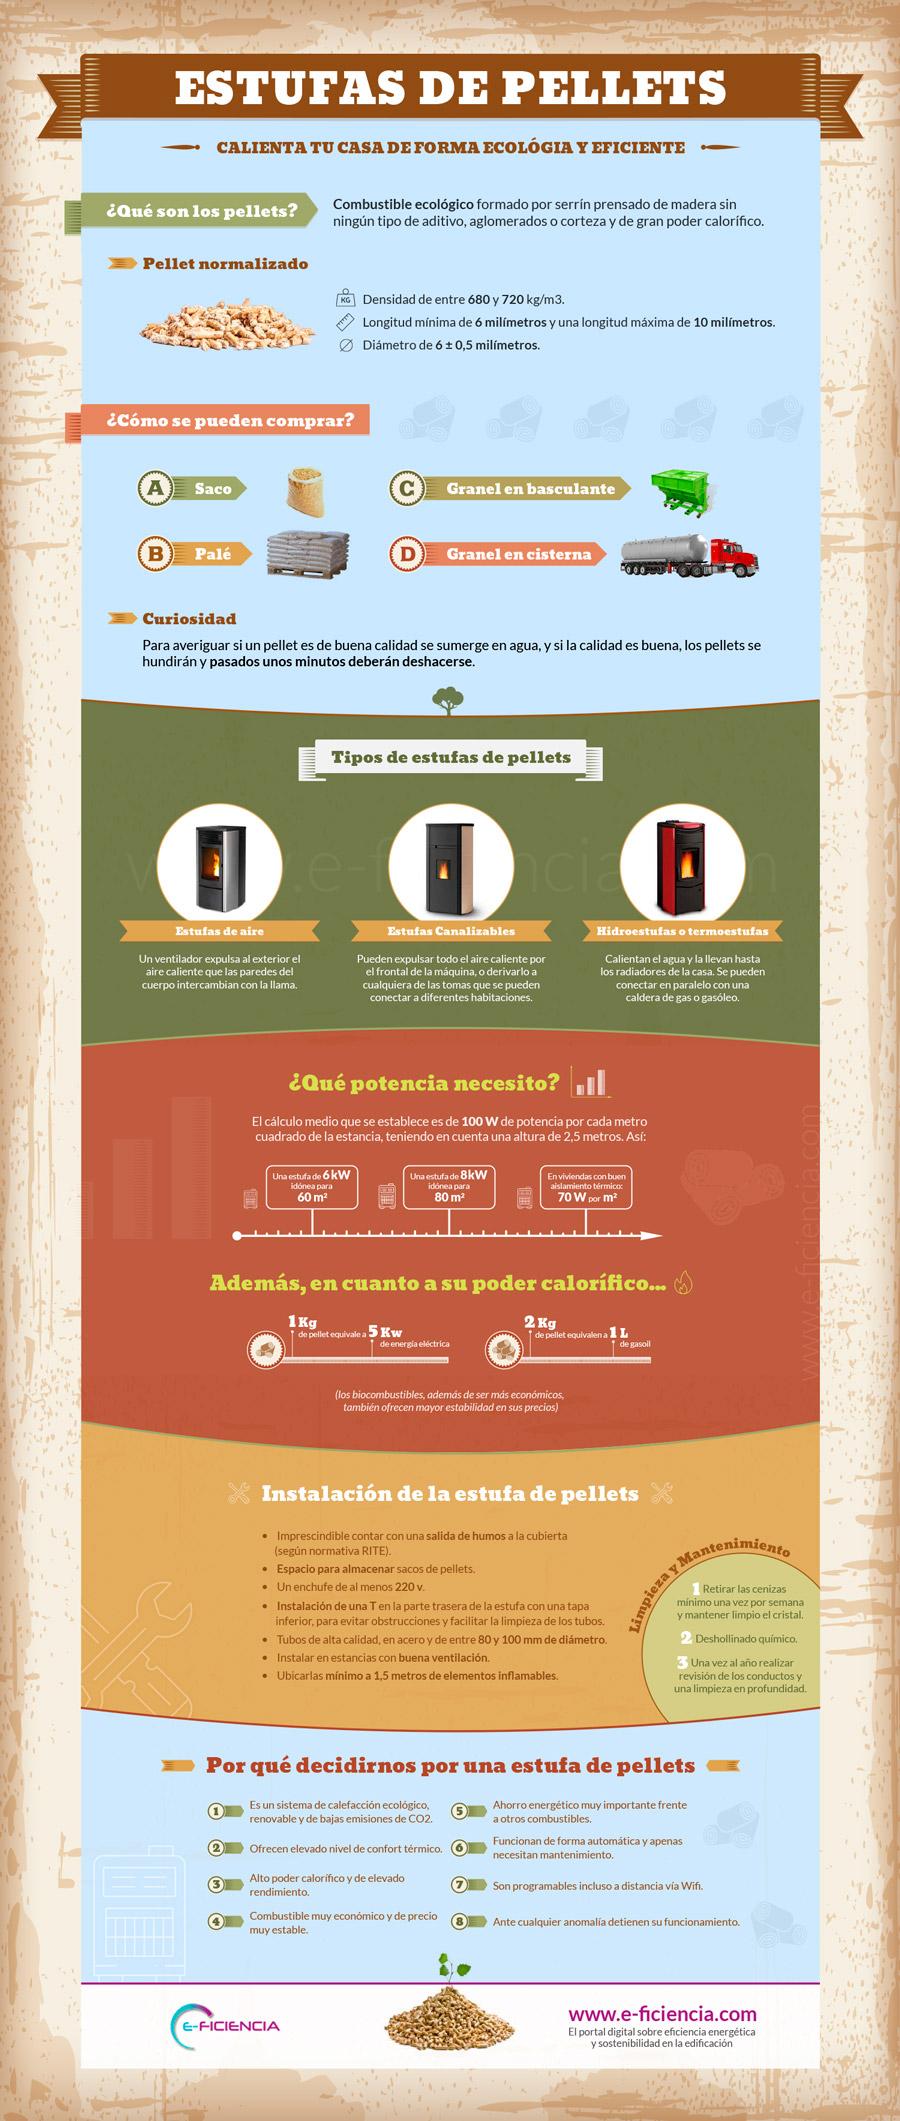 estufas de pellets infografía